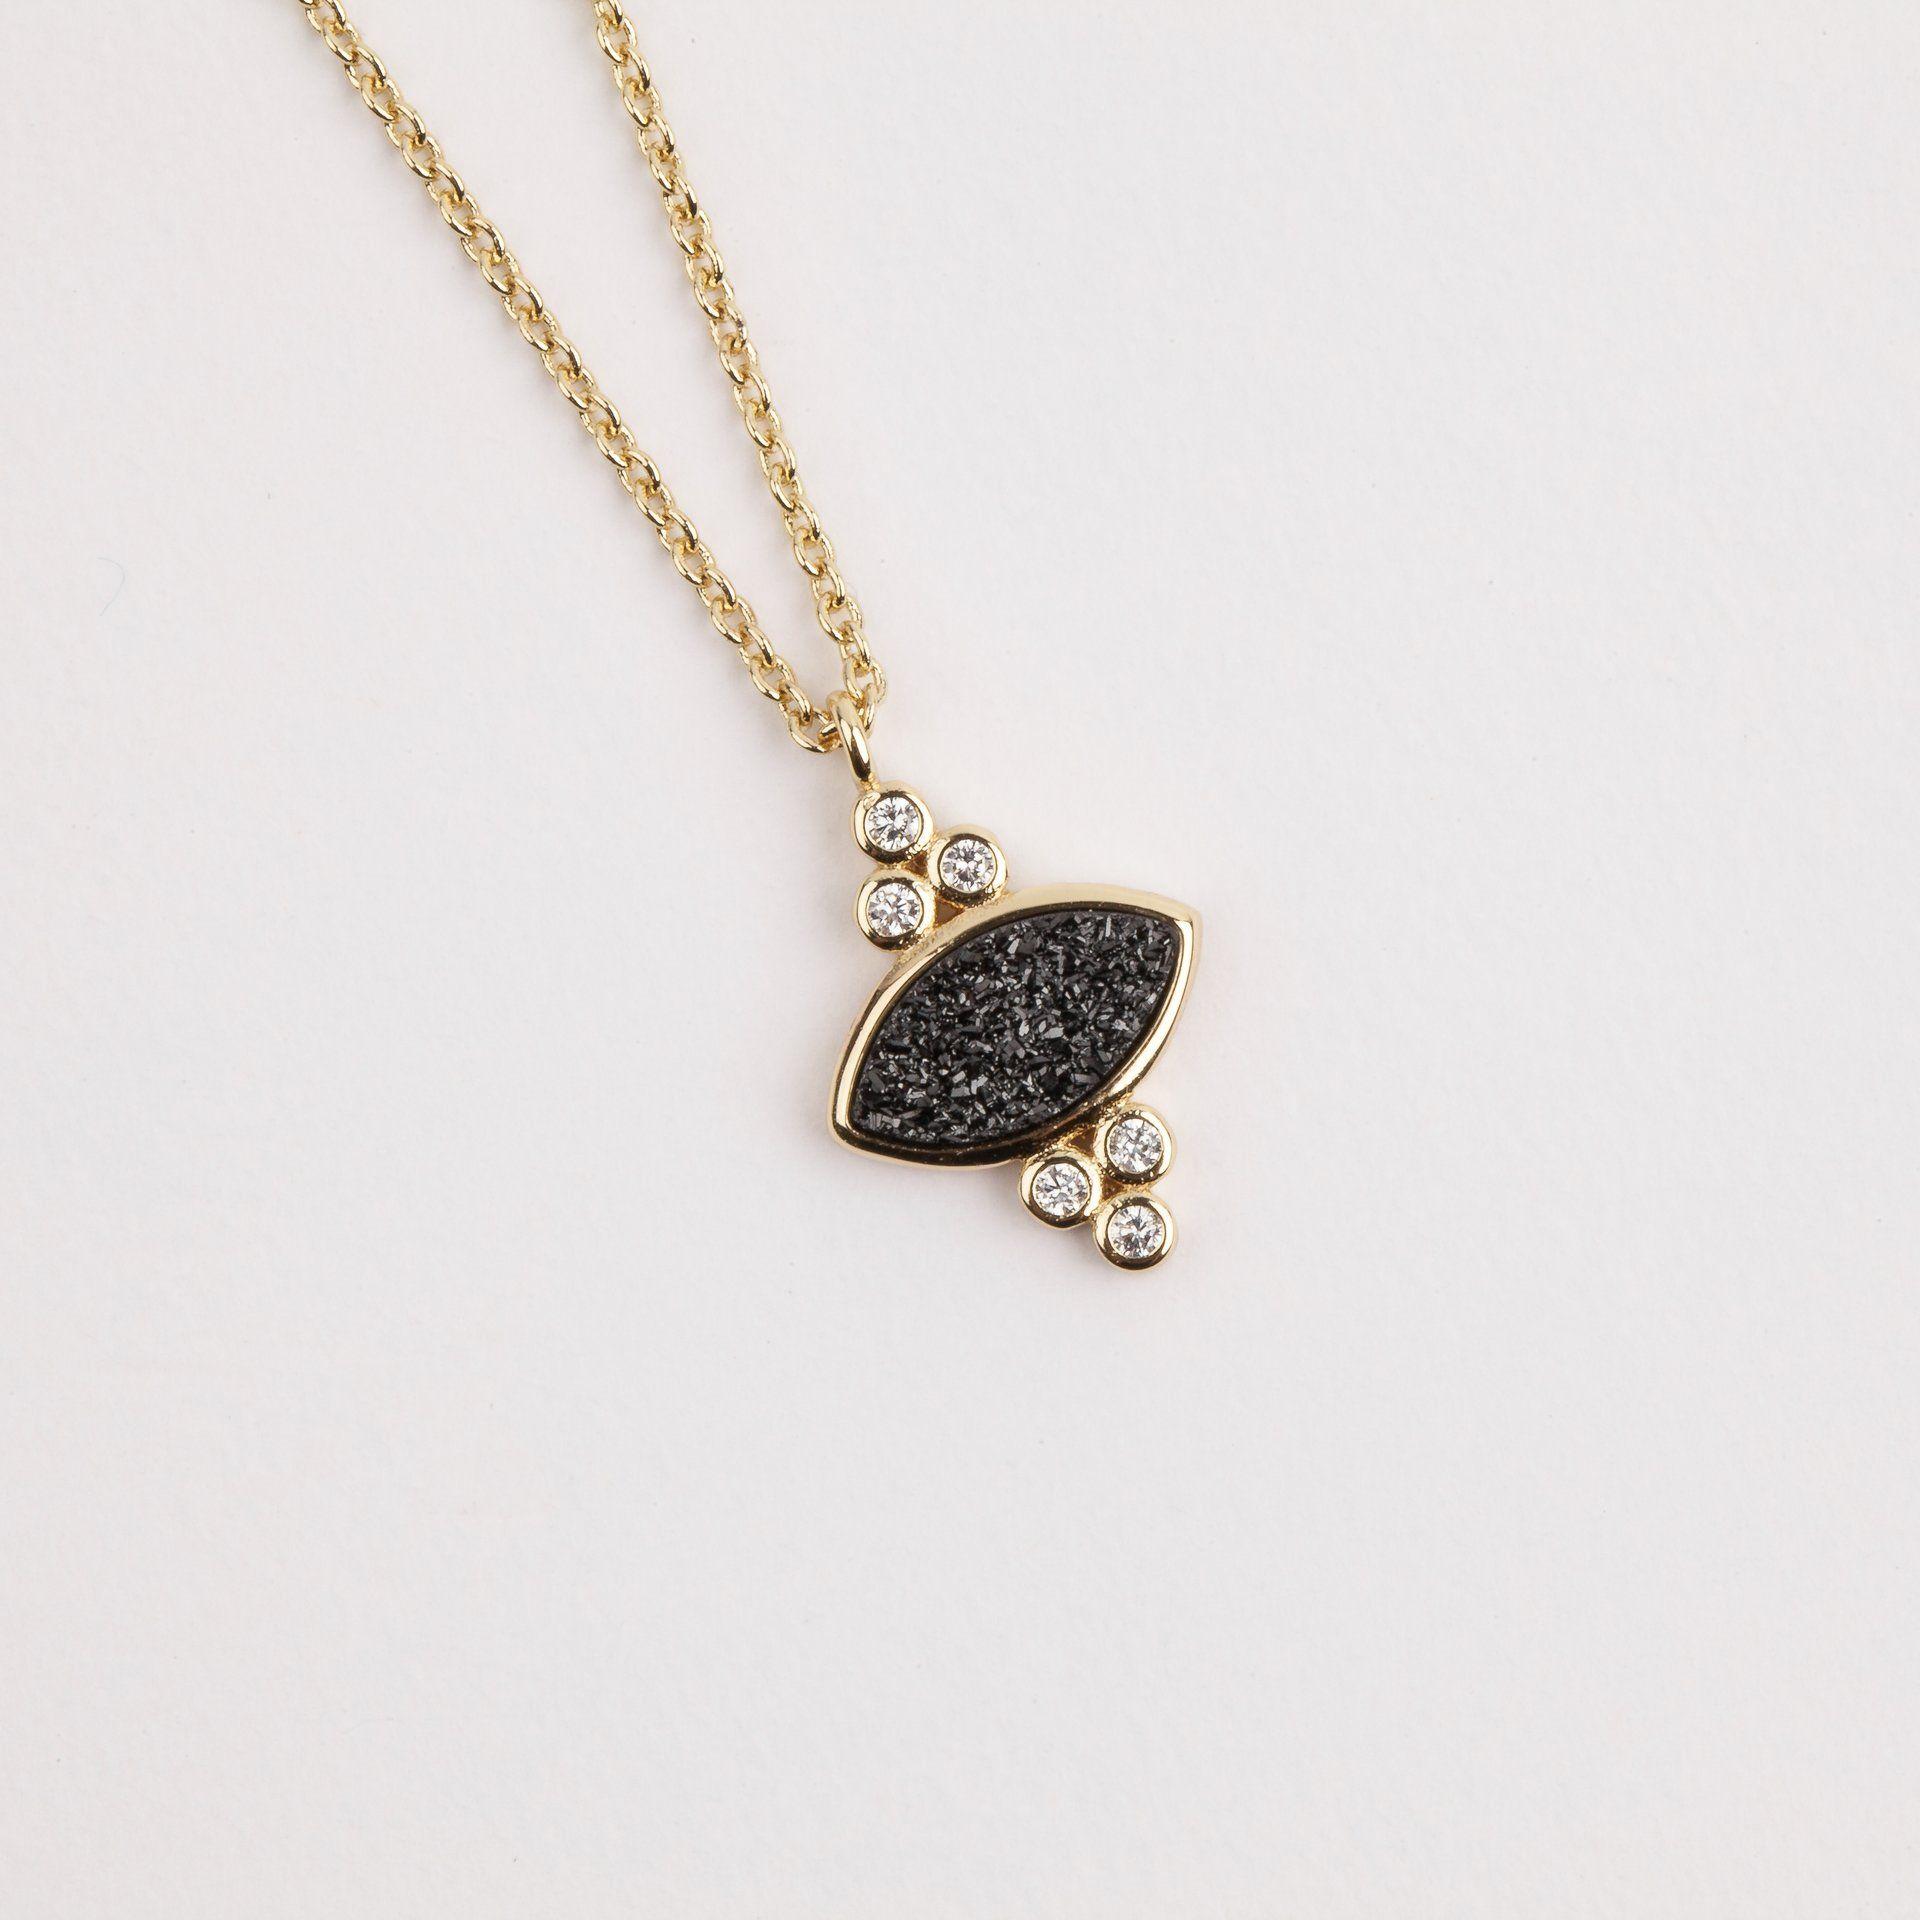 Gemstone eye pendant with black druzy gemstone elegant and shapes